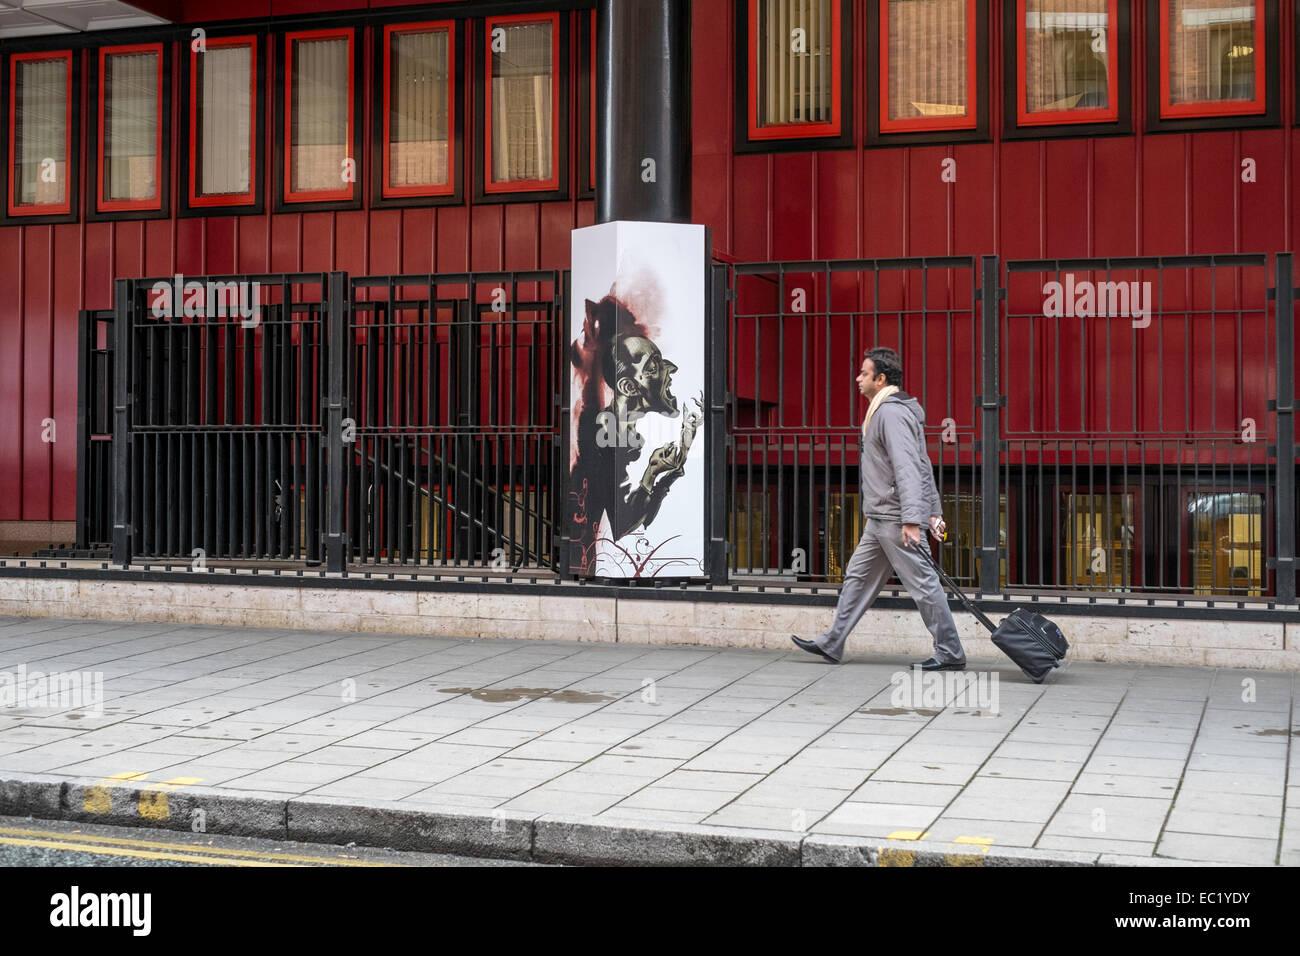 Regno Unito Londra Kings Cross marciapiede uomo a piedi Foto Stock